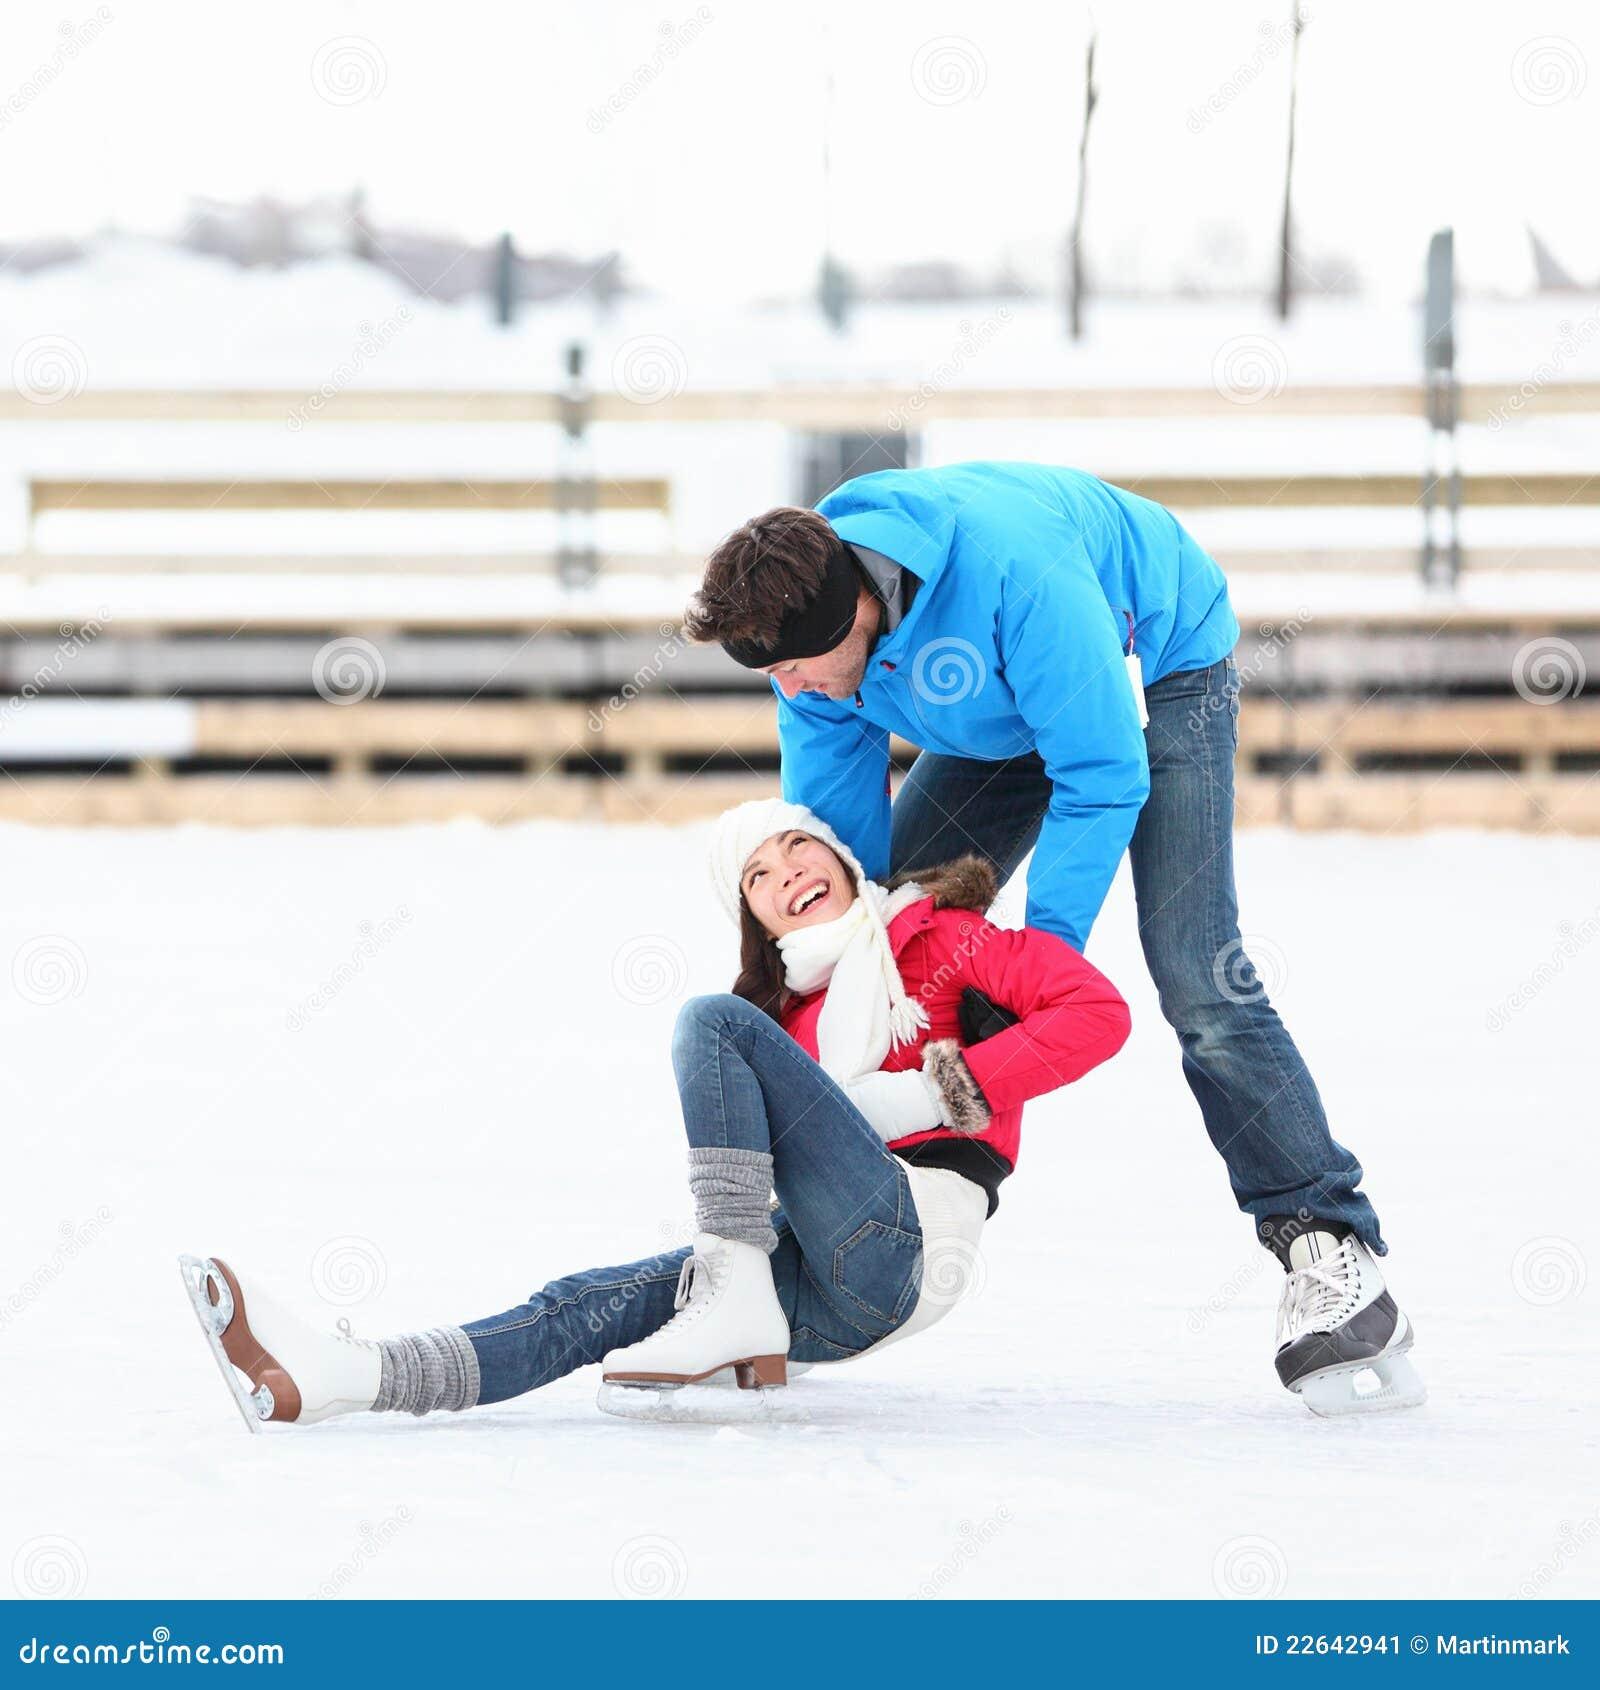 Divertimento do inverno dos pares da patinagem de gelo